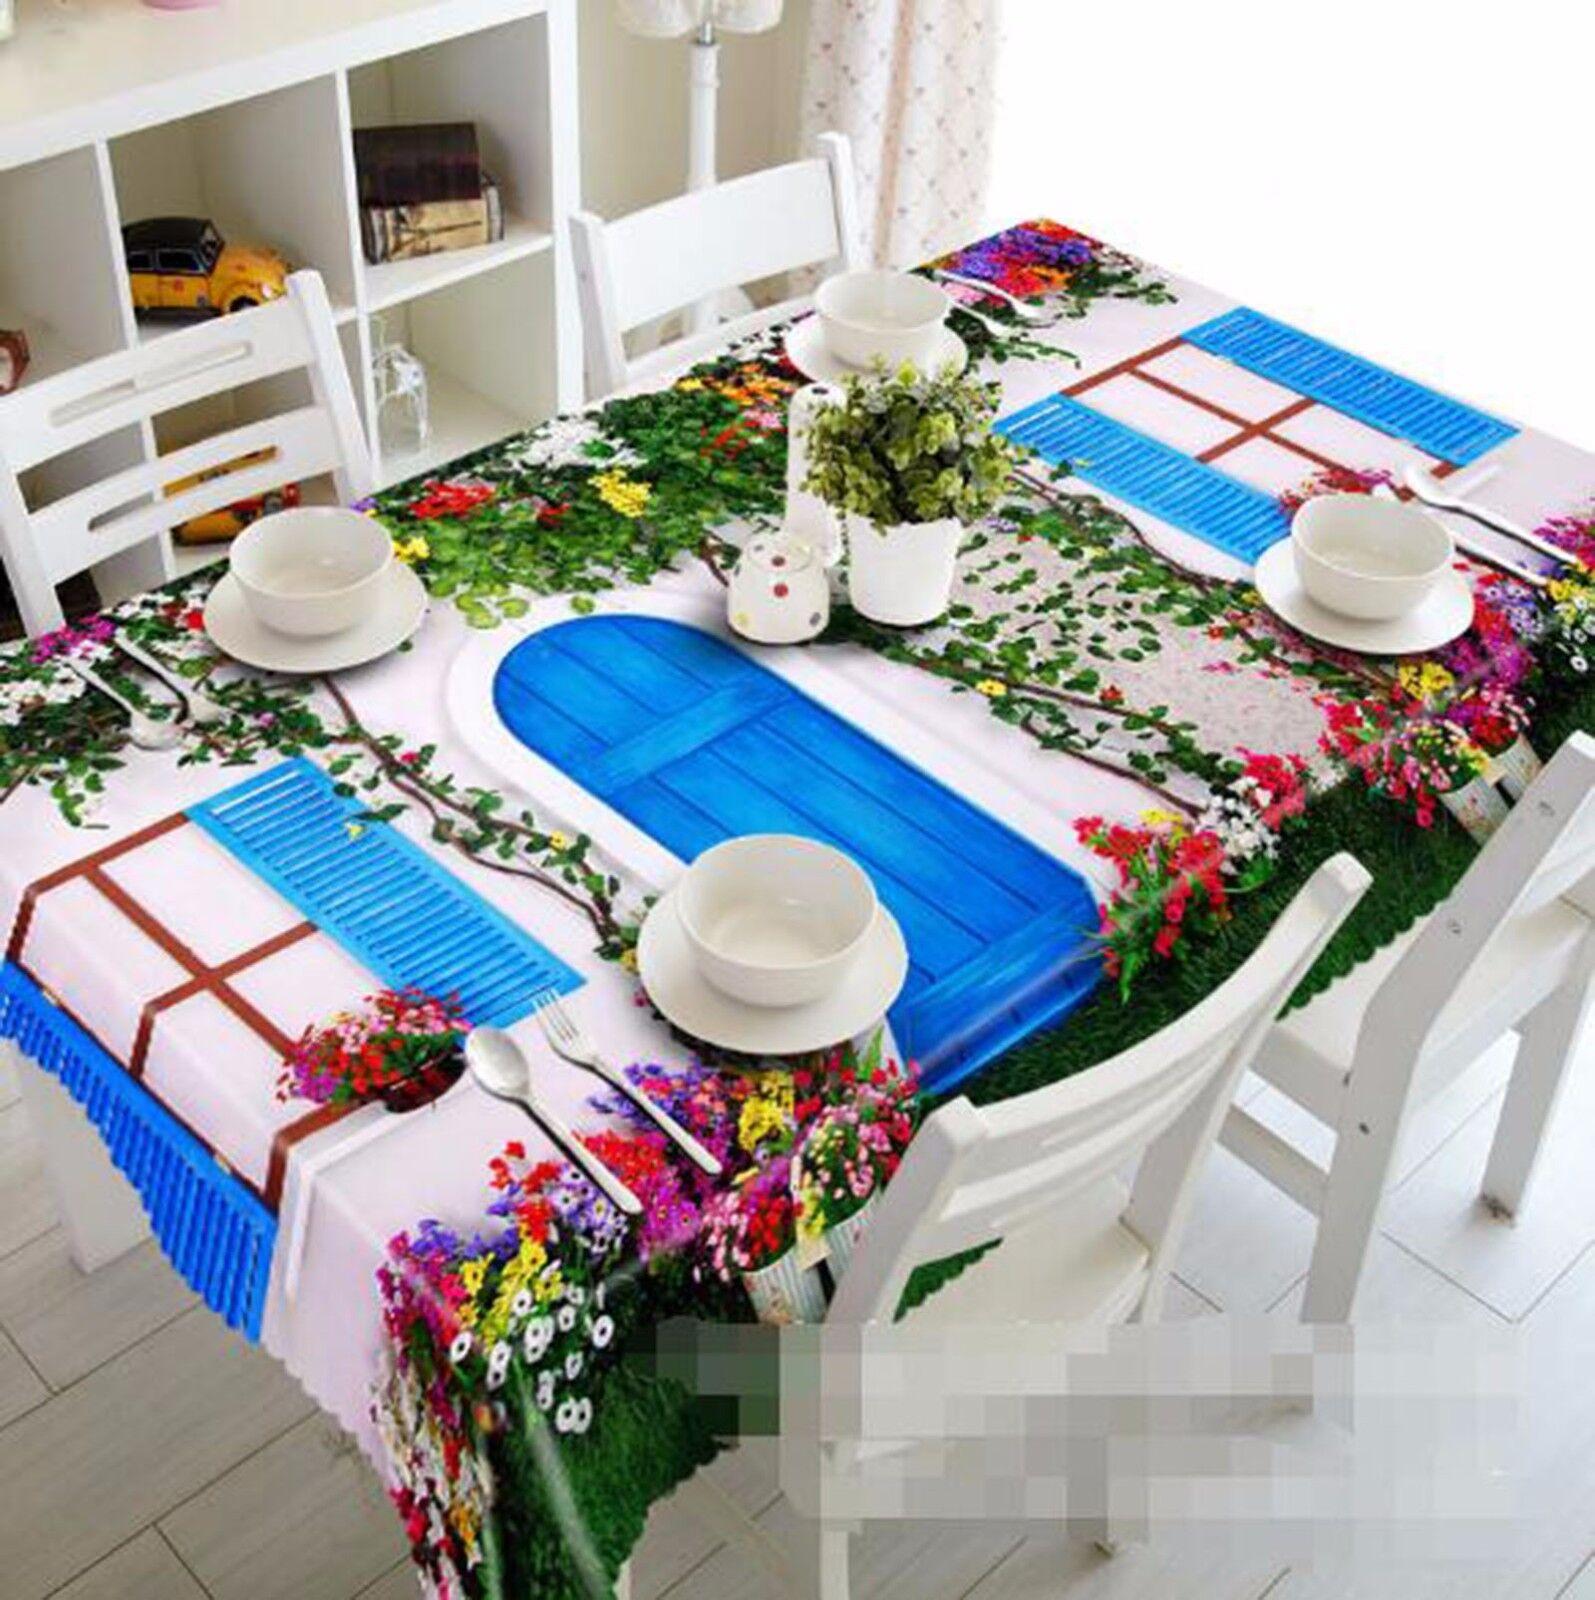 3D Porte Vignes Nappe Table Cover Cloth fête d'anniversaire AJ papier peint Royaume-Uni Citron